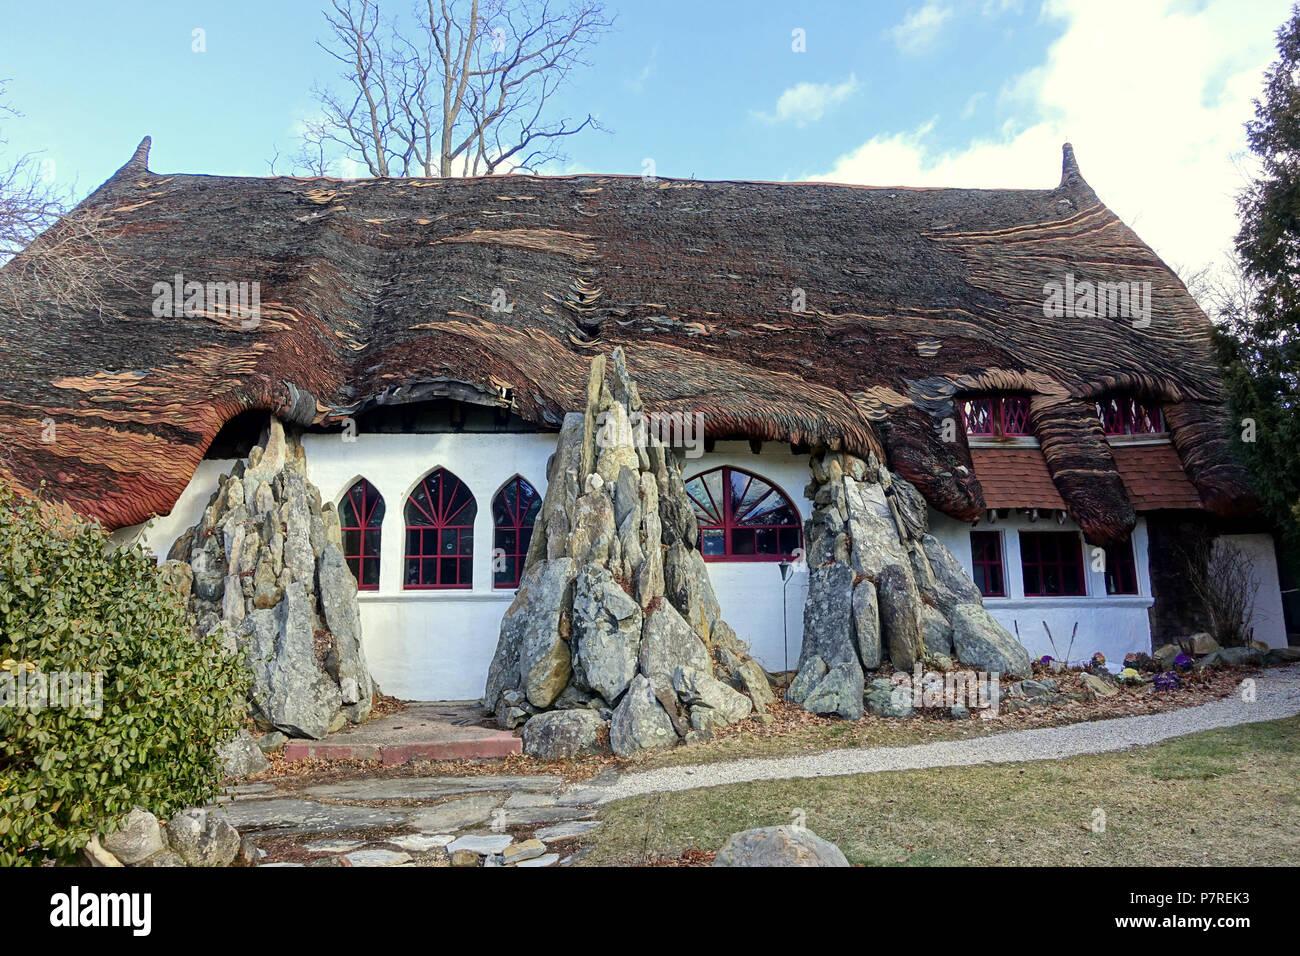 Inglés: - Tyringham Santarella, Massachusetts. Creado por el escultor Henry Hudson Kitson (1863-1947) como su hogar y estudio. El 15 de enero de 2017, 11:59:12 340 - Tyringham Santarella, MA - DSC07306 Foto de stock